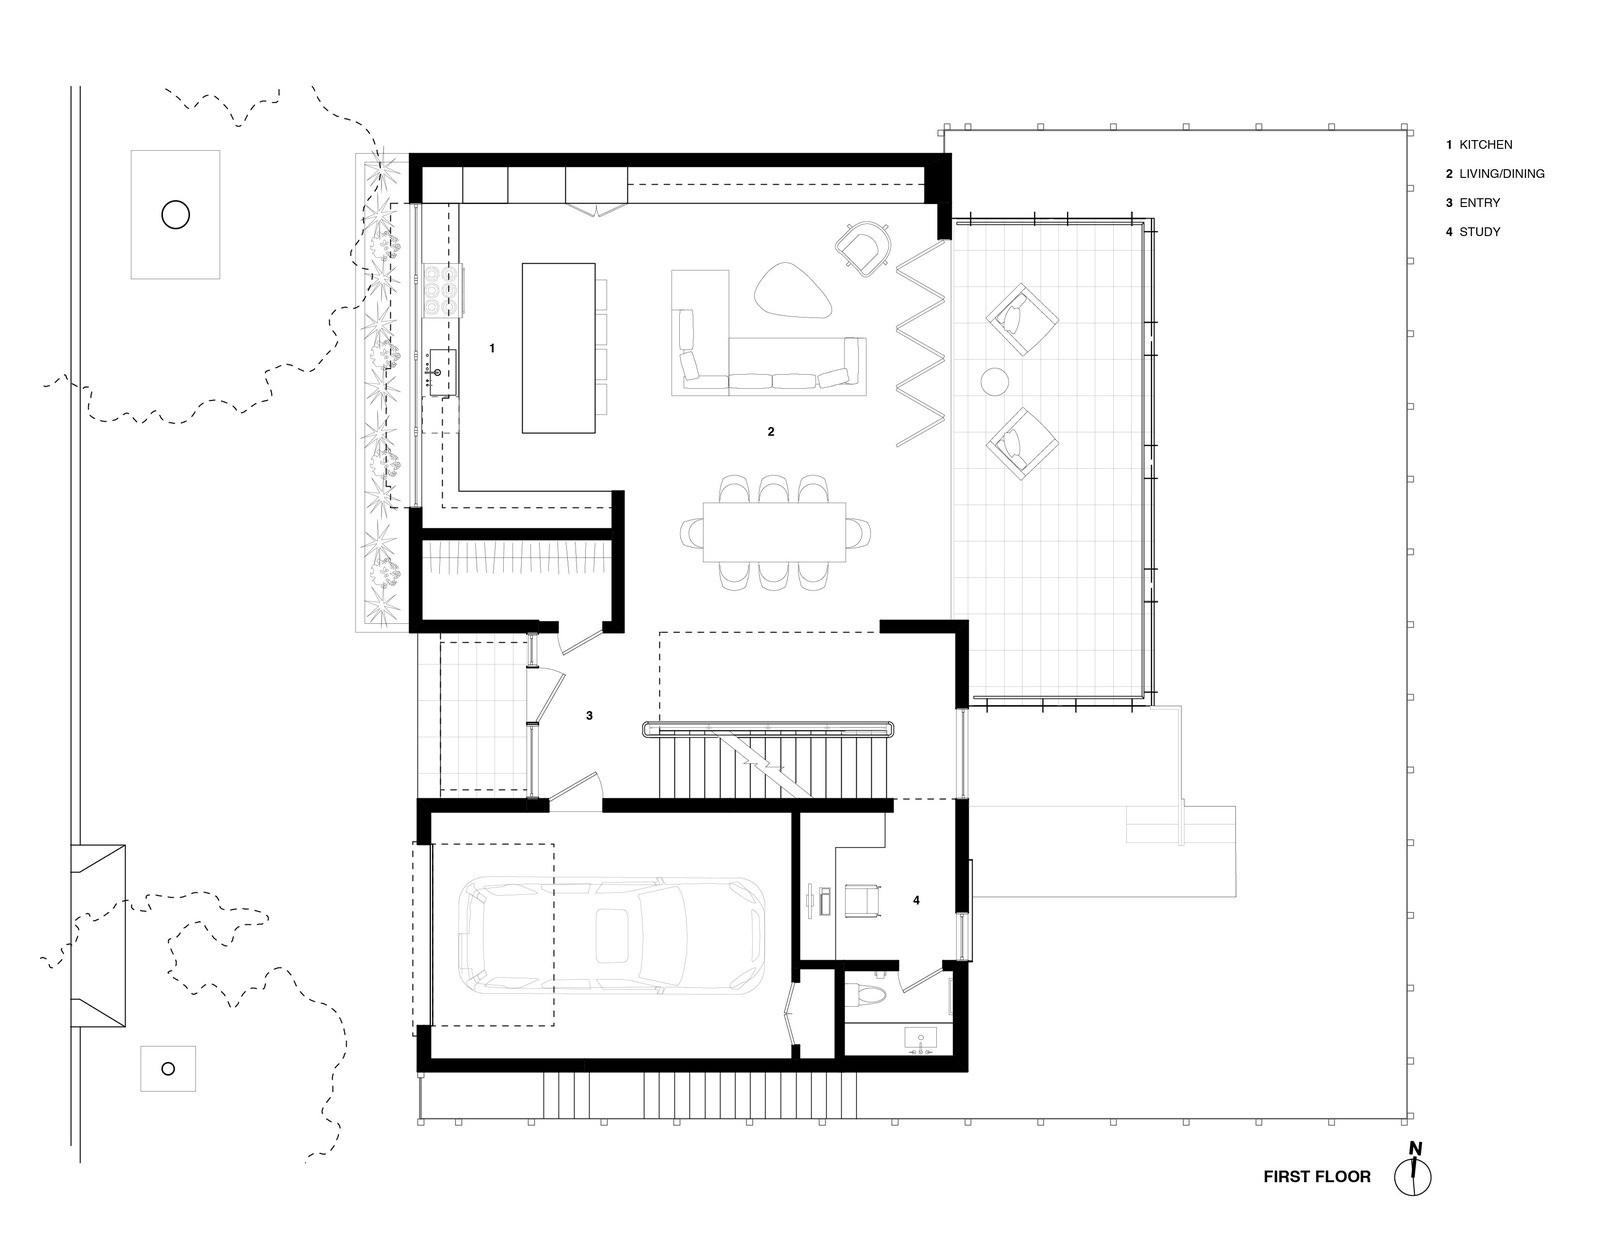 Noe-Residence-just3ds.com-16